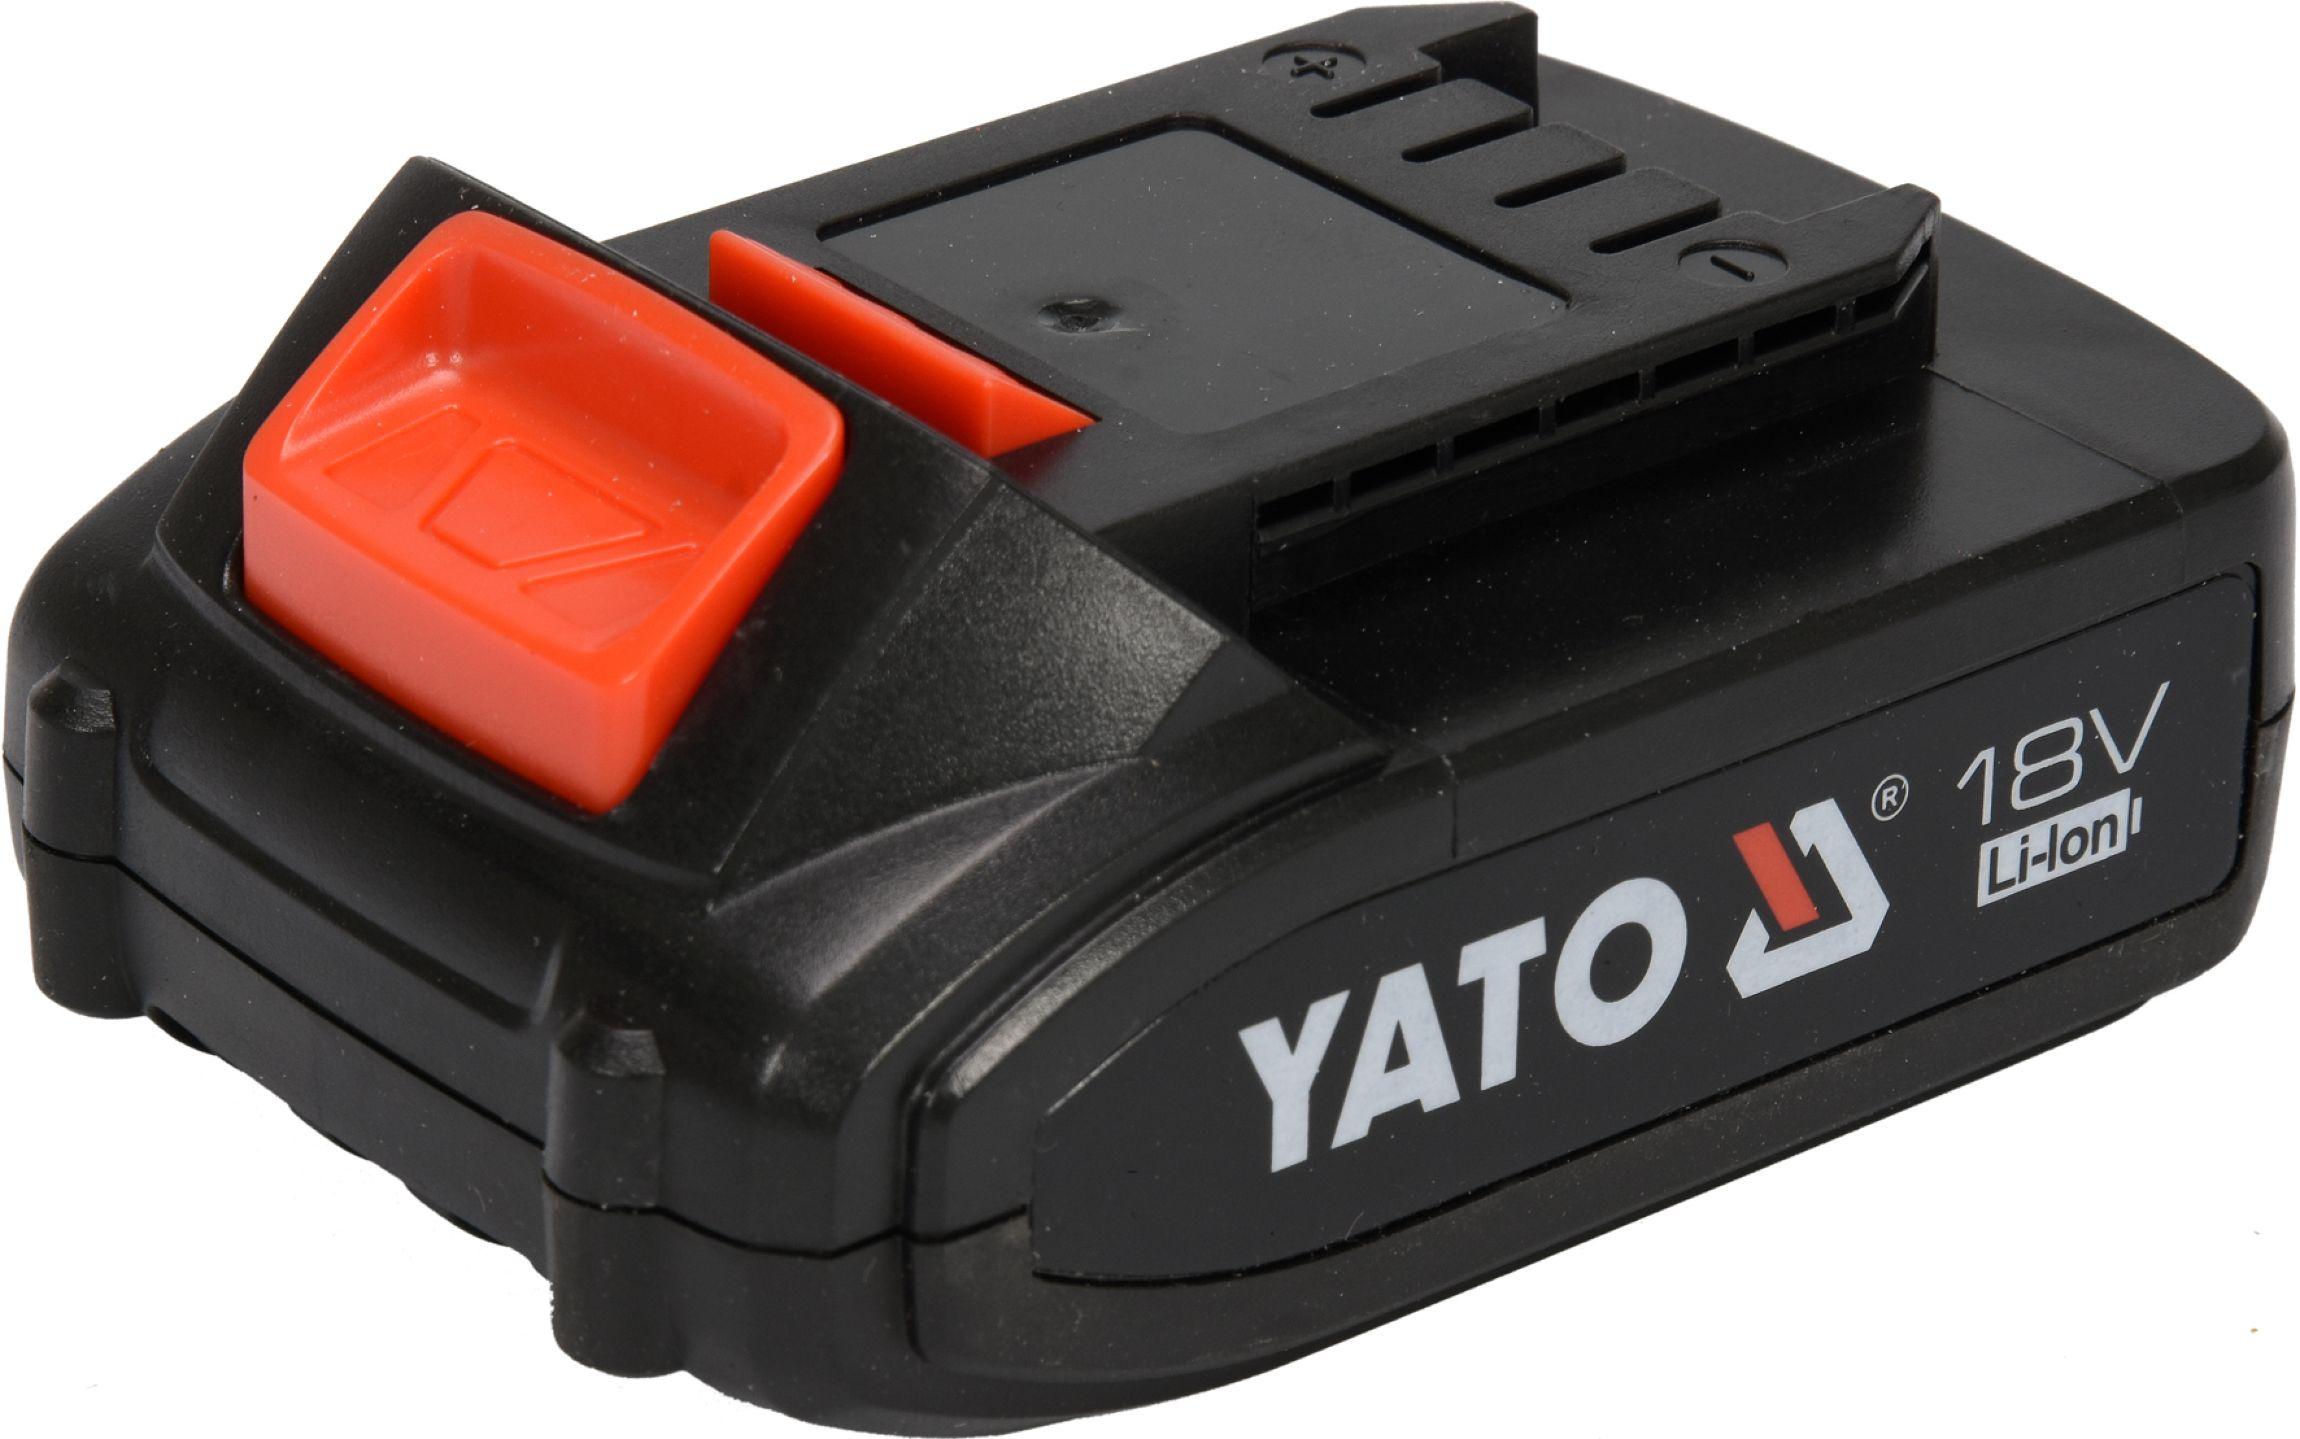 Baterie náhradní 18V Li-ion 2.0 AH (YT-82782. YT-82788.YT-82826.YT-82804)